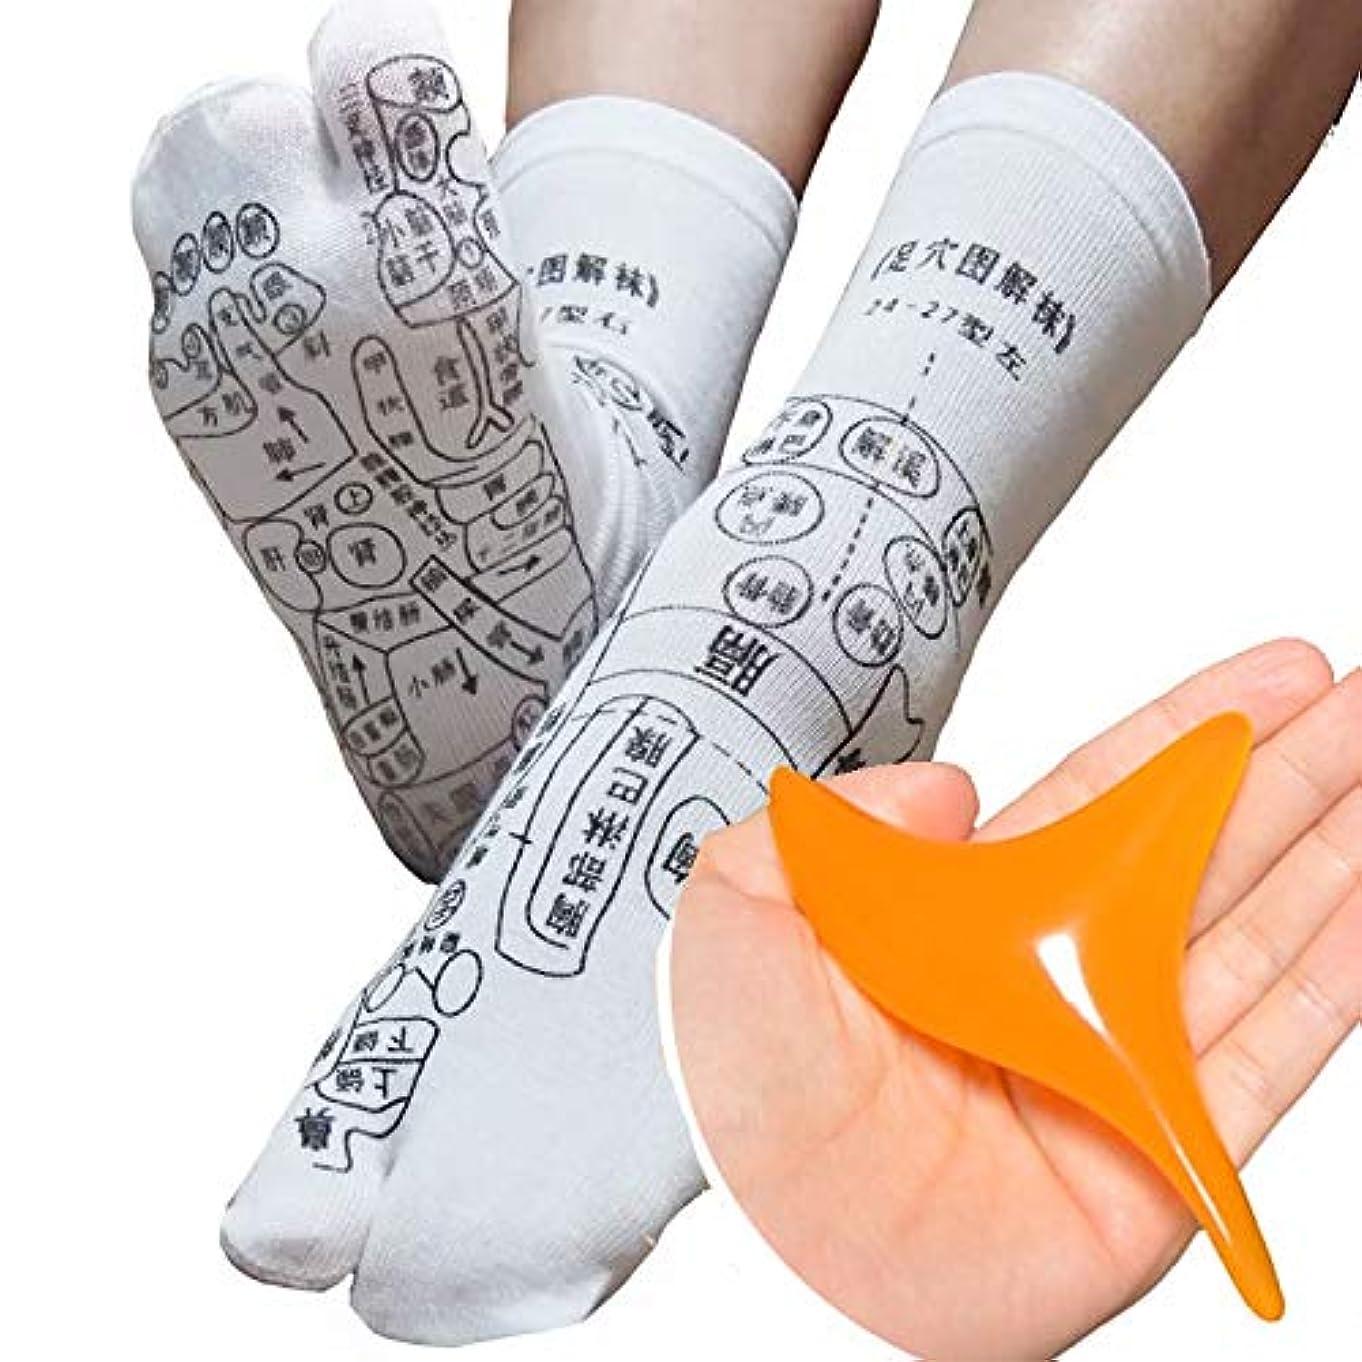 頭蓋骨バナー失態足全体のツボが「見える」プリントソックス オカリナ型カッサ付き 足裏つぼおしソックス 足ツボ靴下 反射区 サイズ22~26センチ 靴下の字は中国語